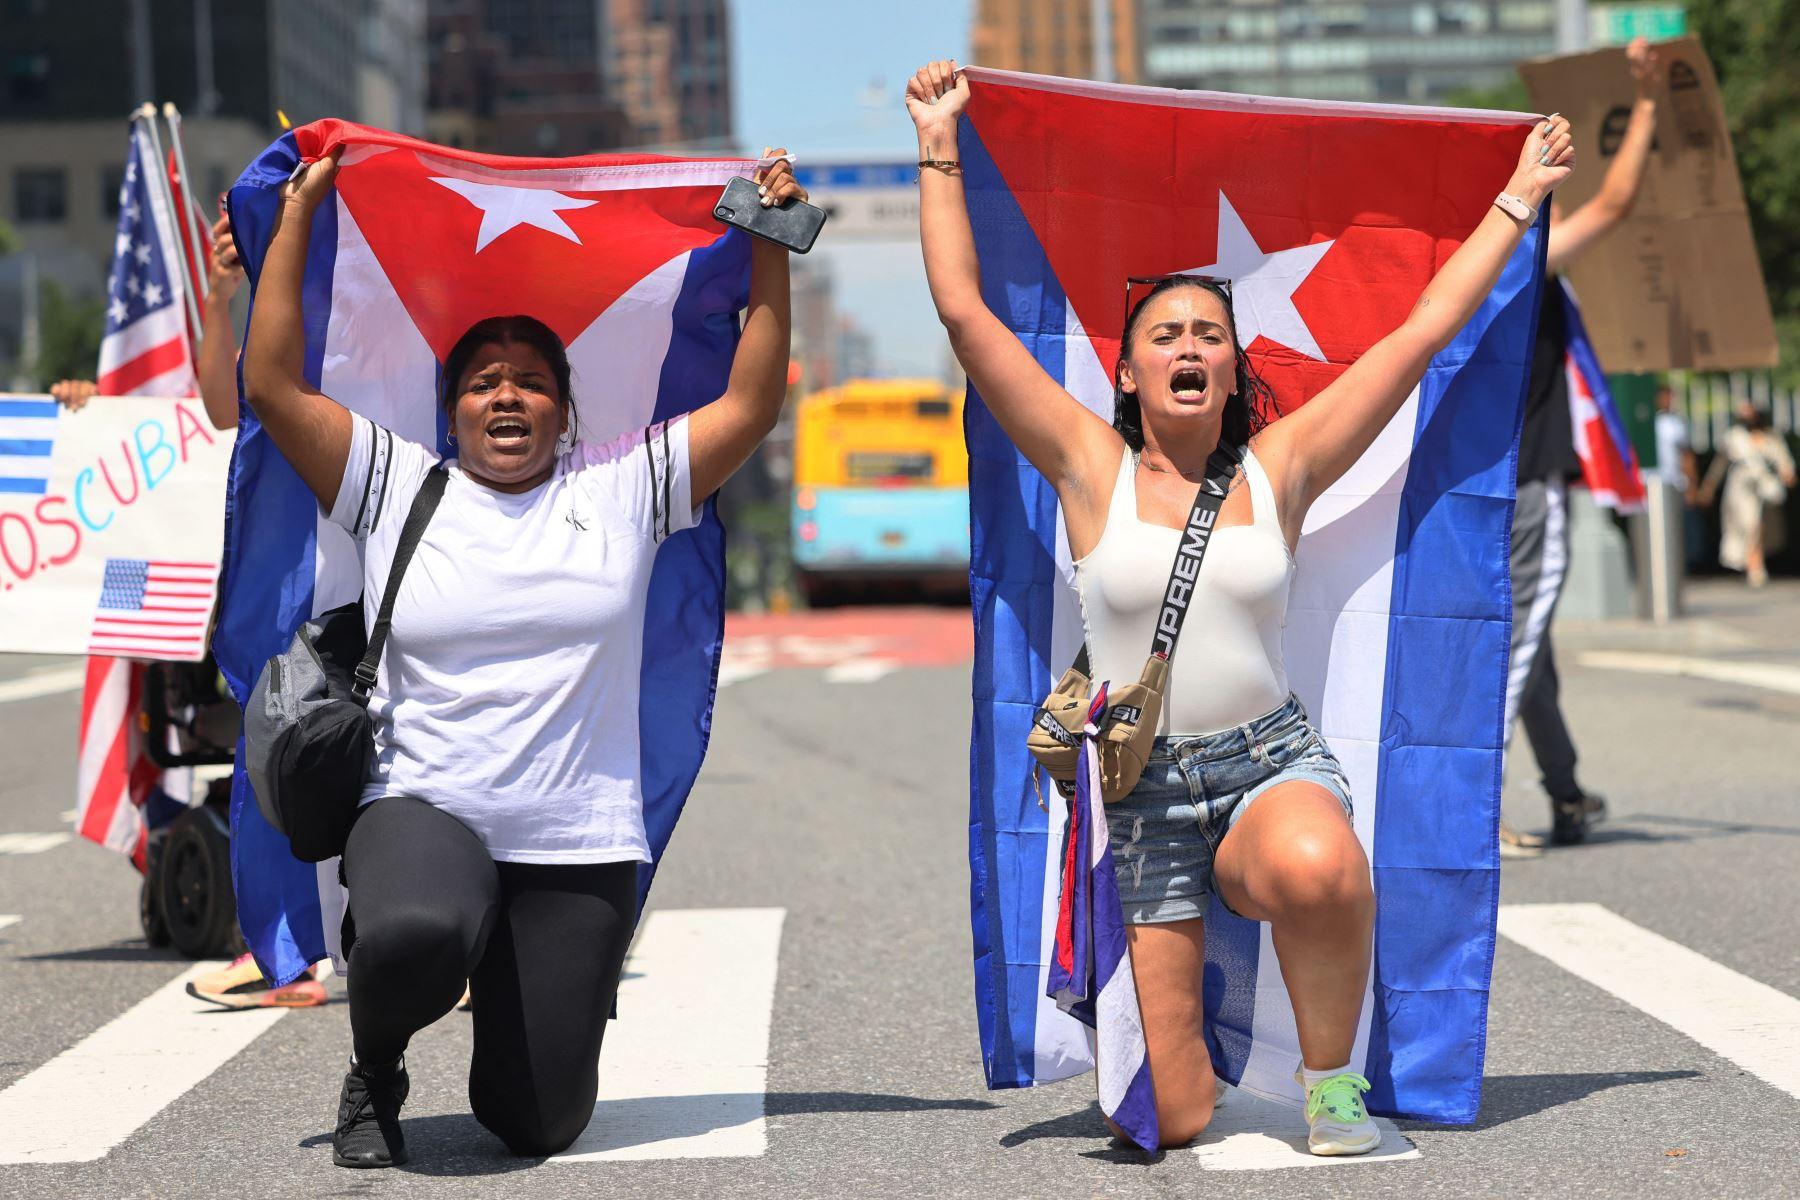 La gente se reúne para pedir ayuda a los manifestantes cubanos en la isla frente a las Naciones Unidas en la ciudad de Nueva York. Foto: AFP